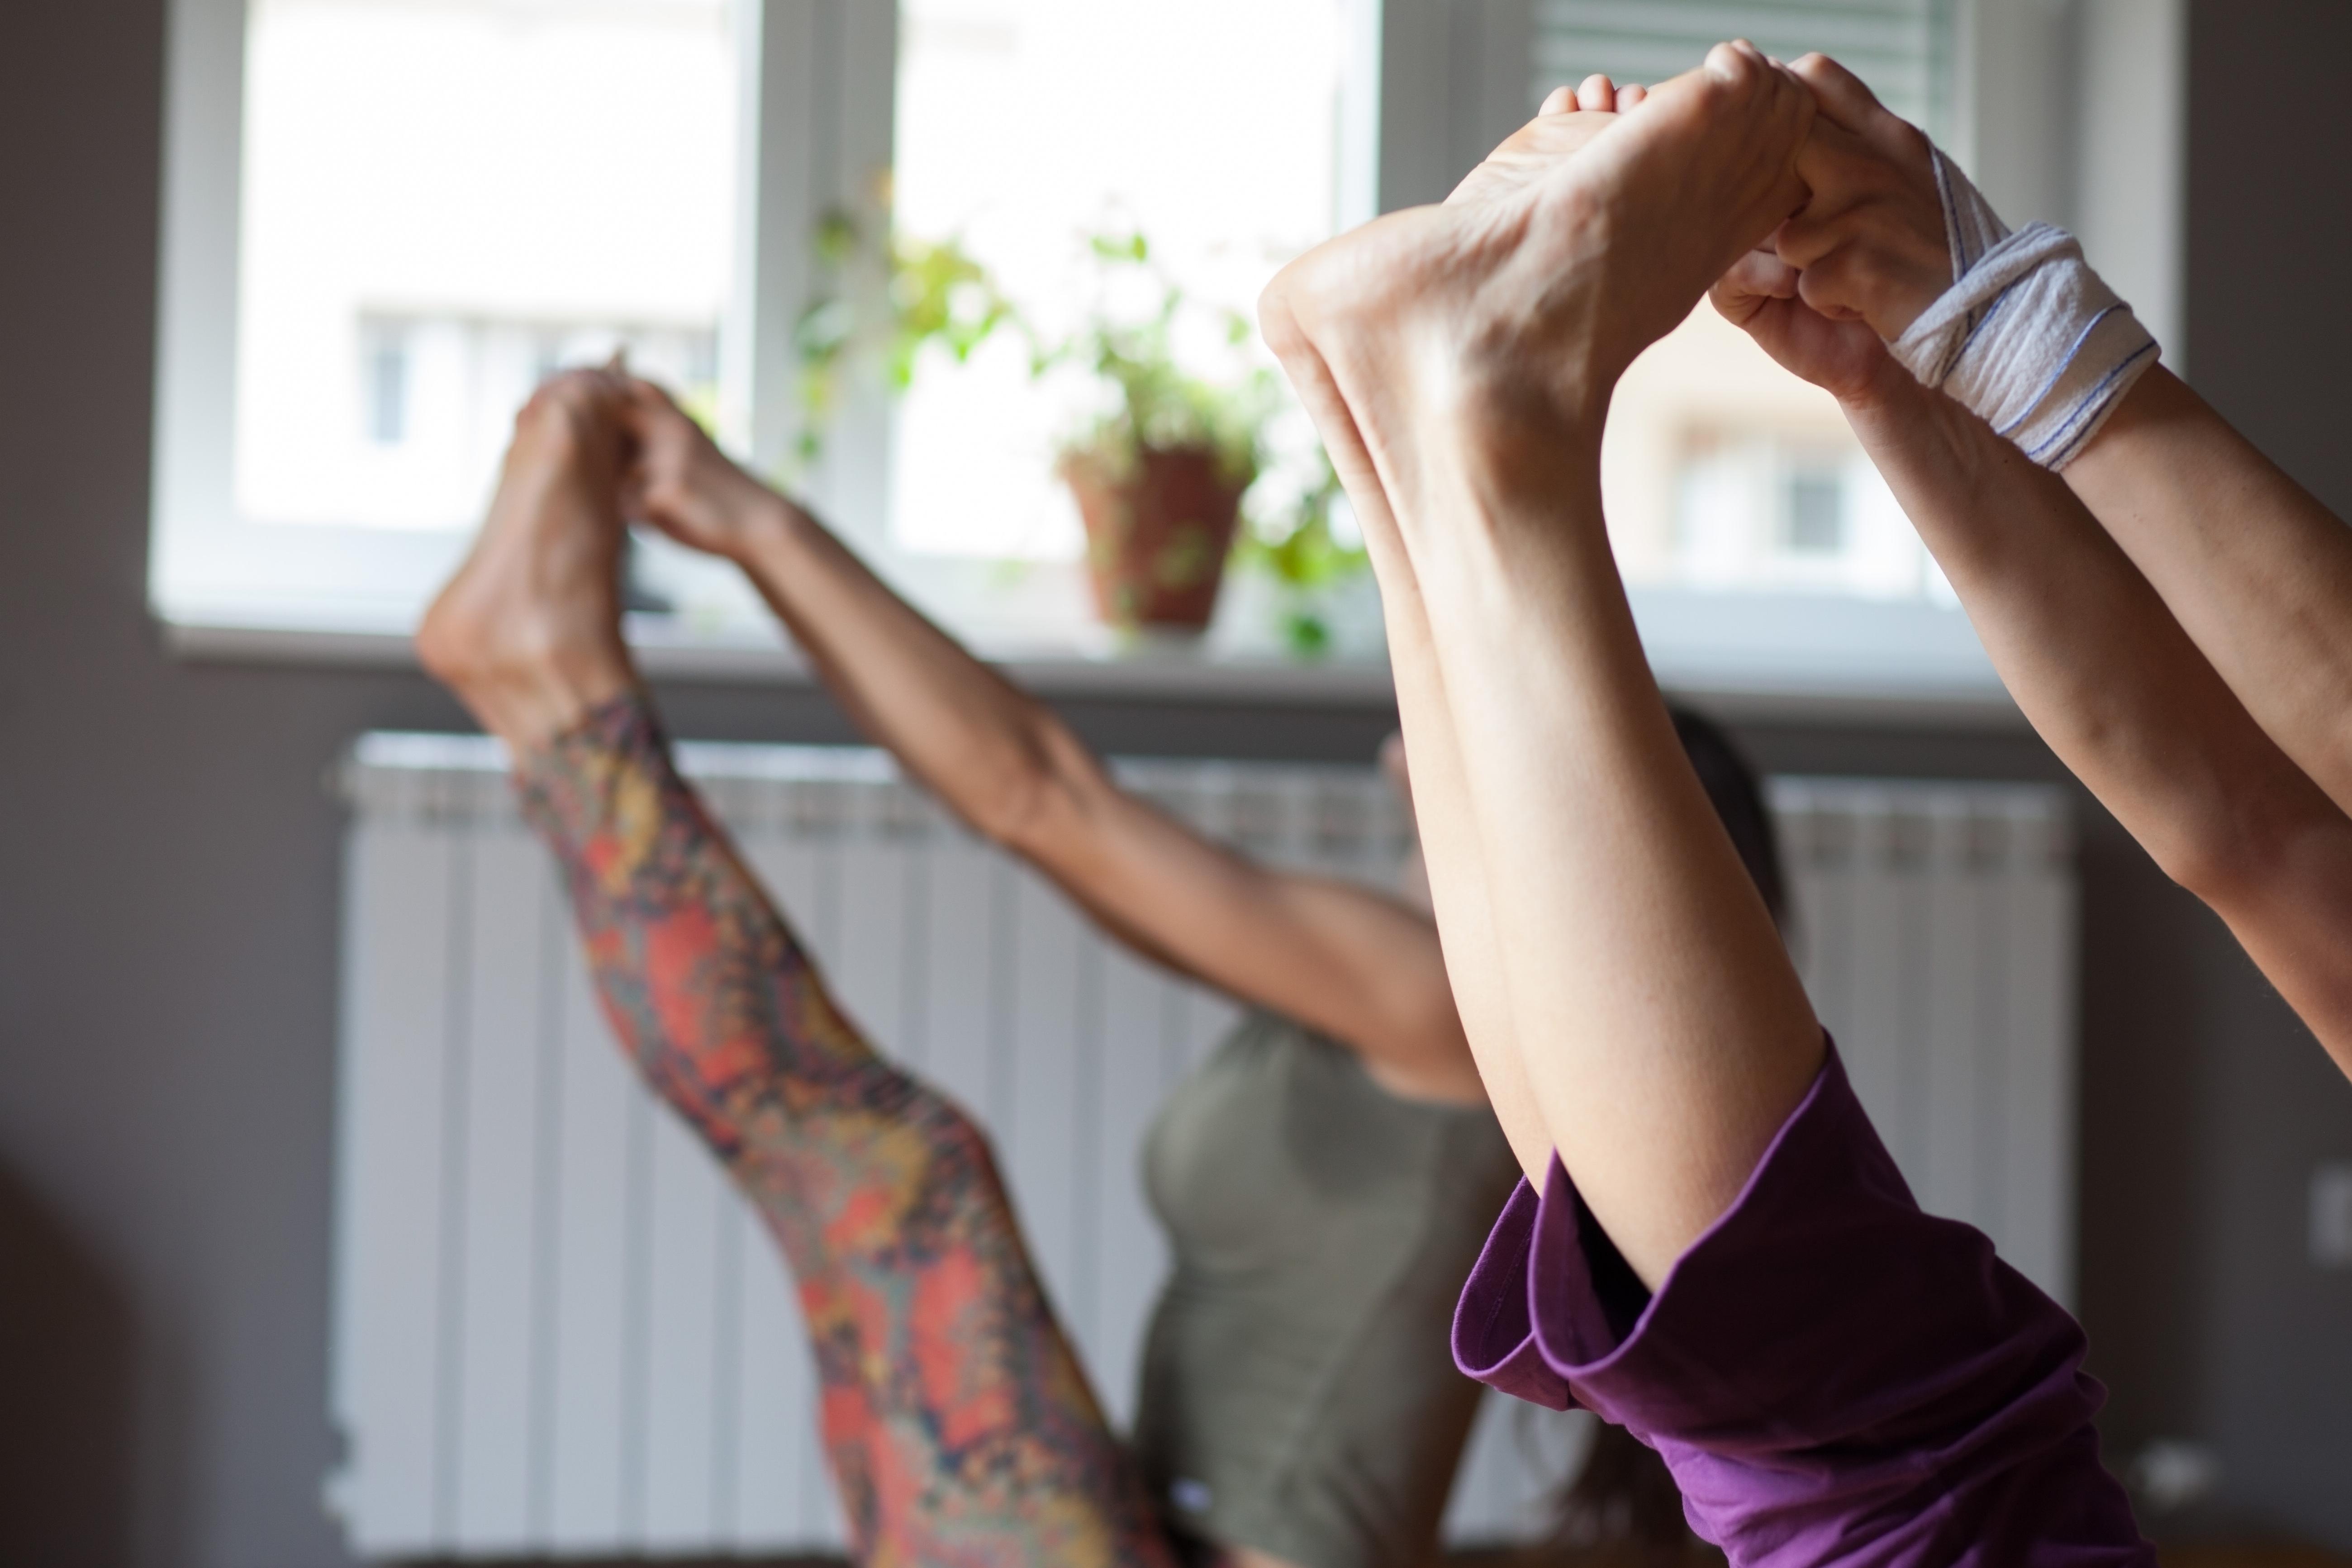 Medicinsk yoga är terapeutiskt med mjuka fysiska yogaövningar där fokus ligger på att töja, böja och stretcha.